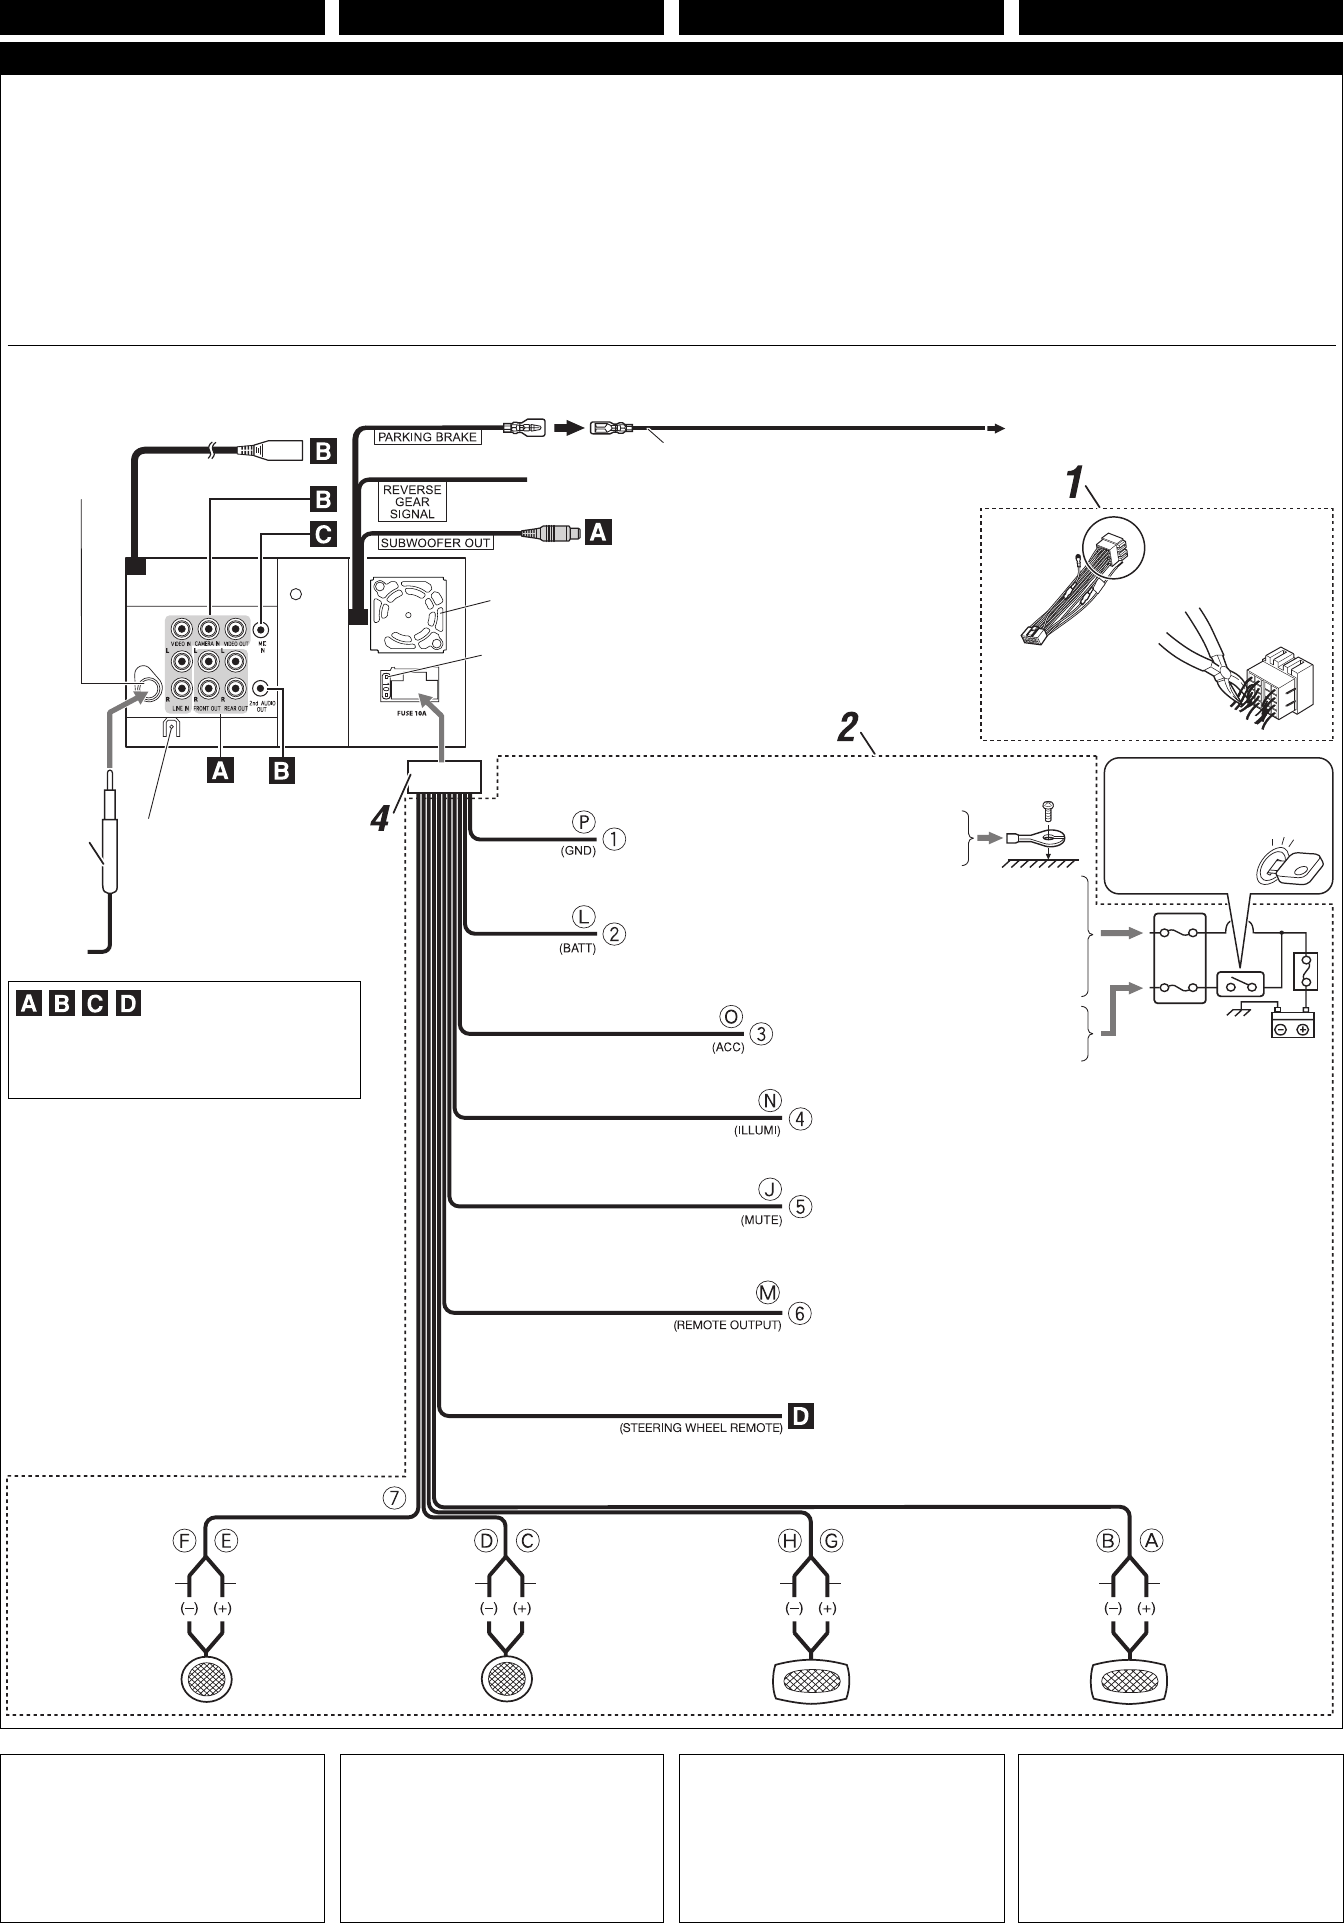 JVC KW AV71BTE AV71BT[E] User Manual GET0893 004A